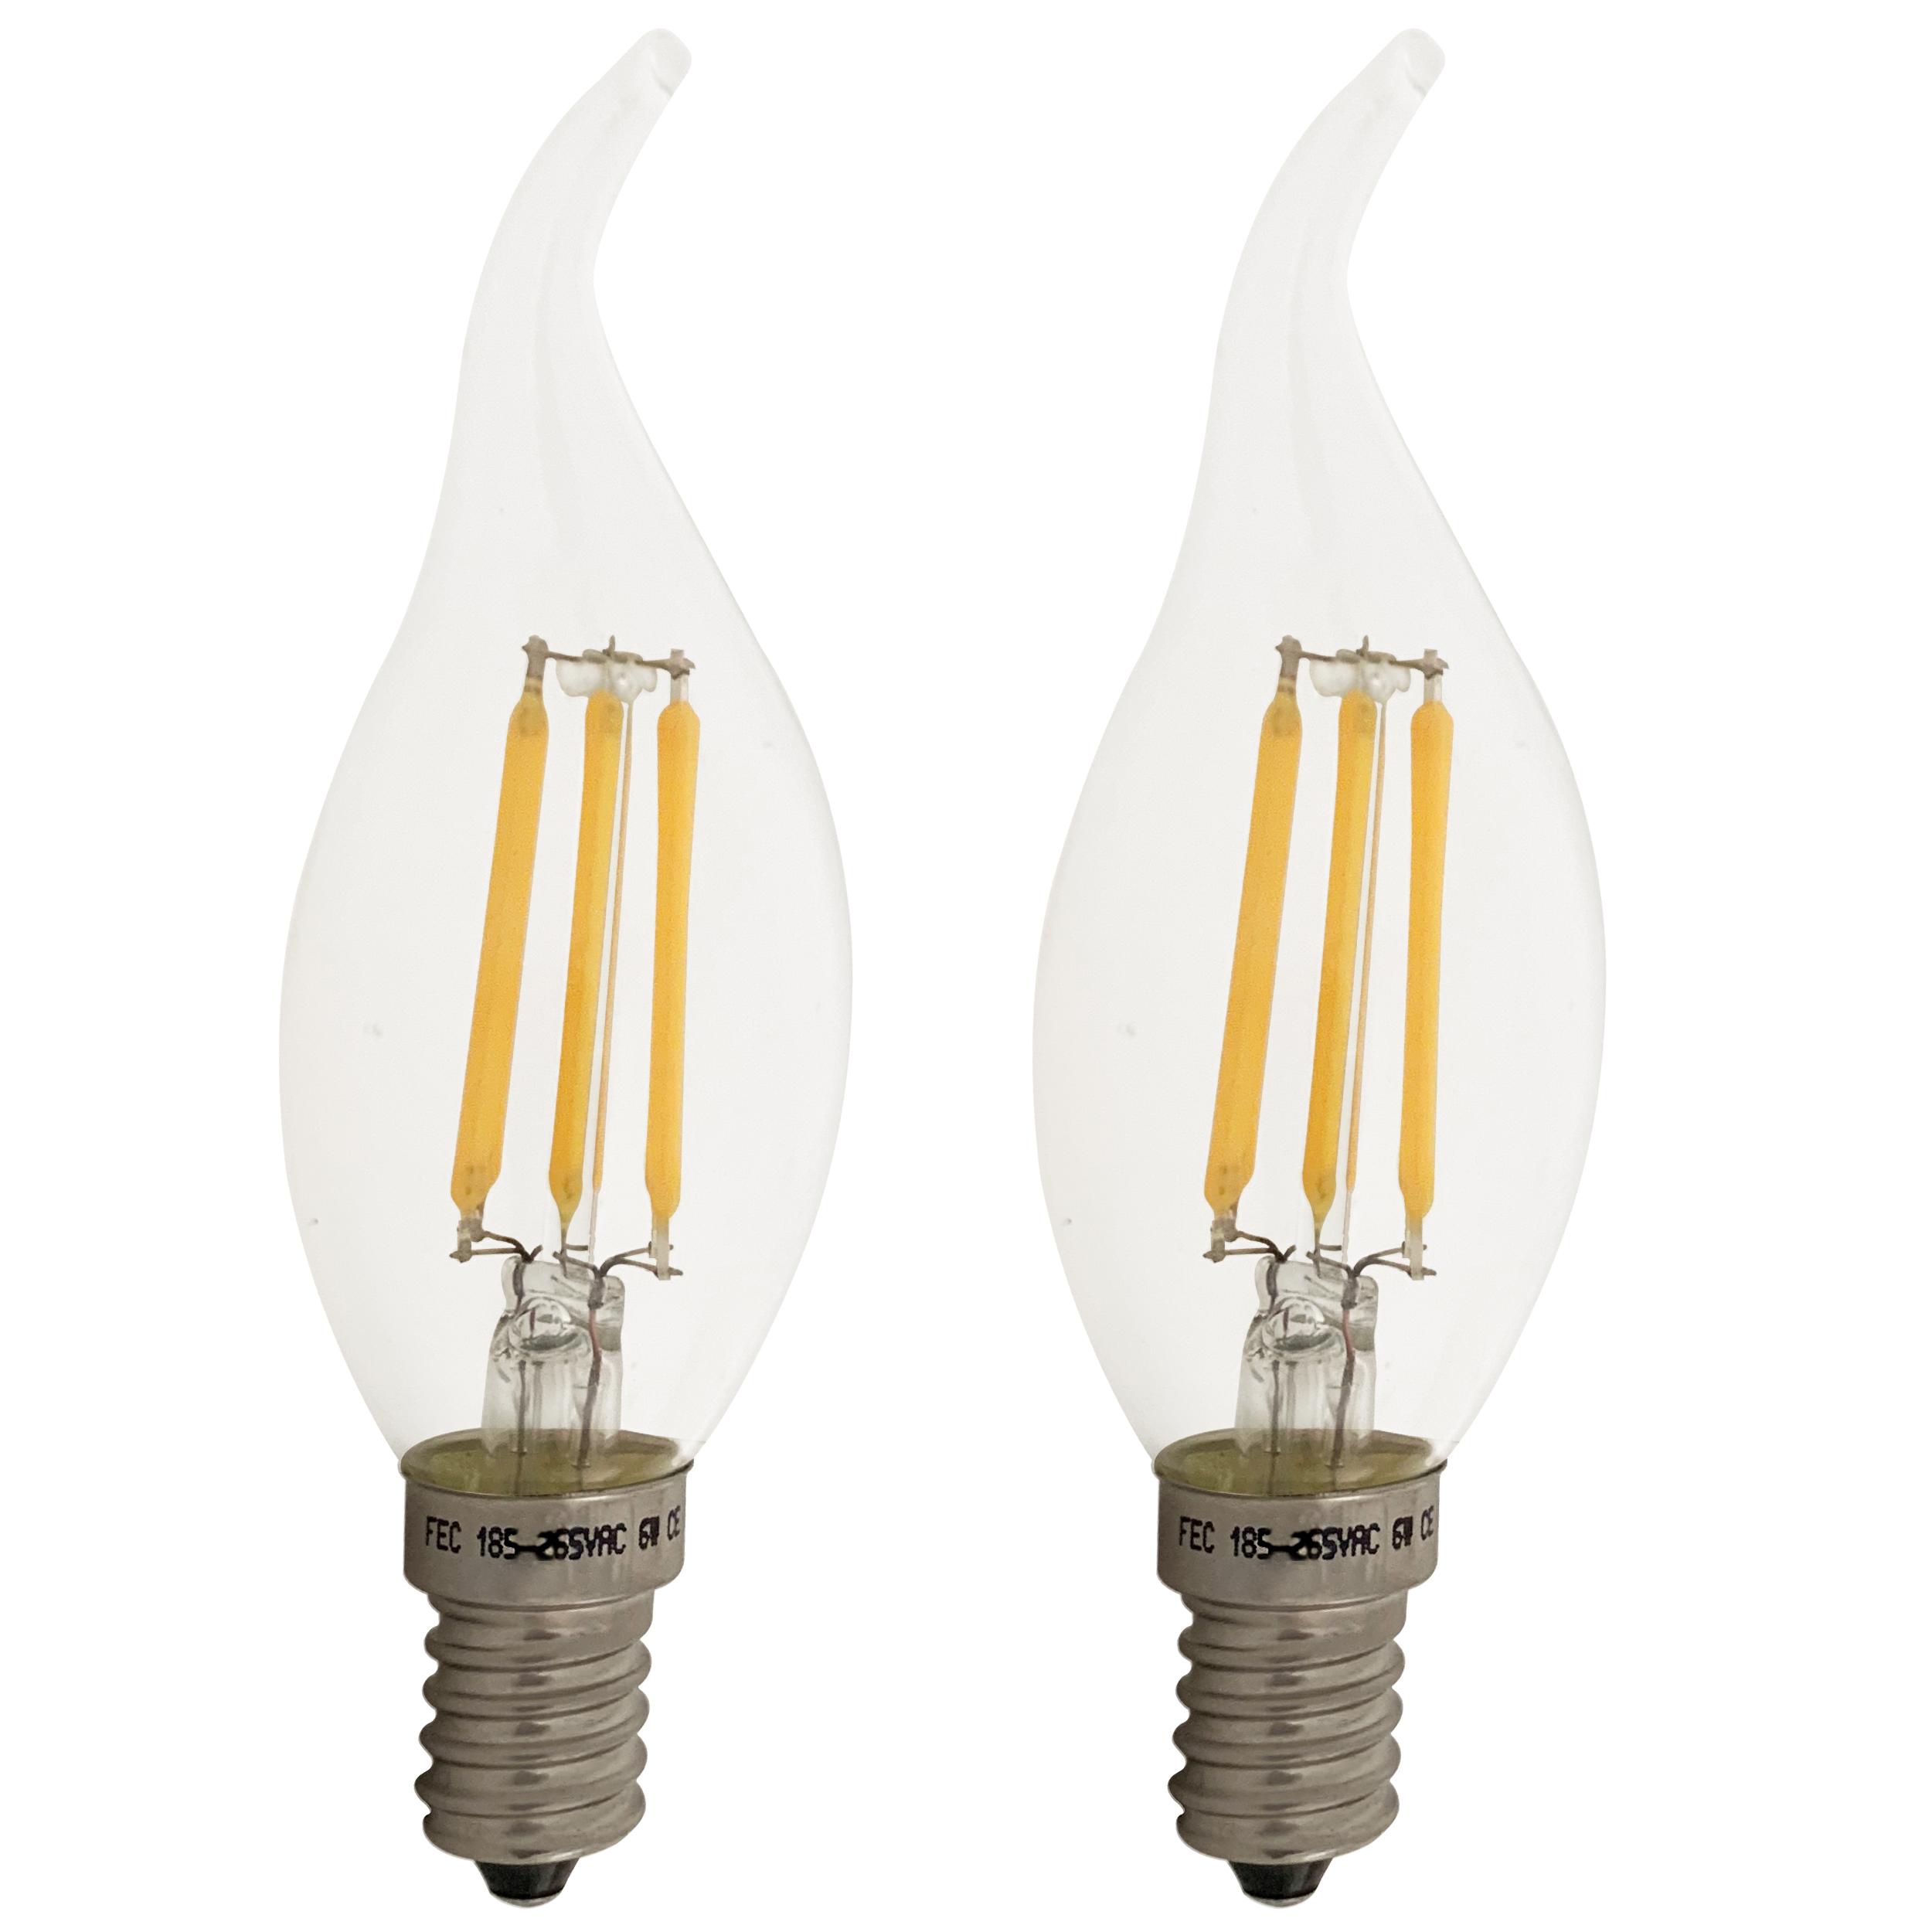 لامپ فیلامنتی 6 وات اف ای سی مدل TAIL پایه E14